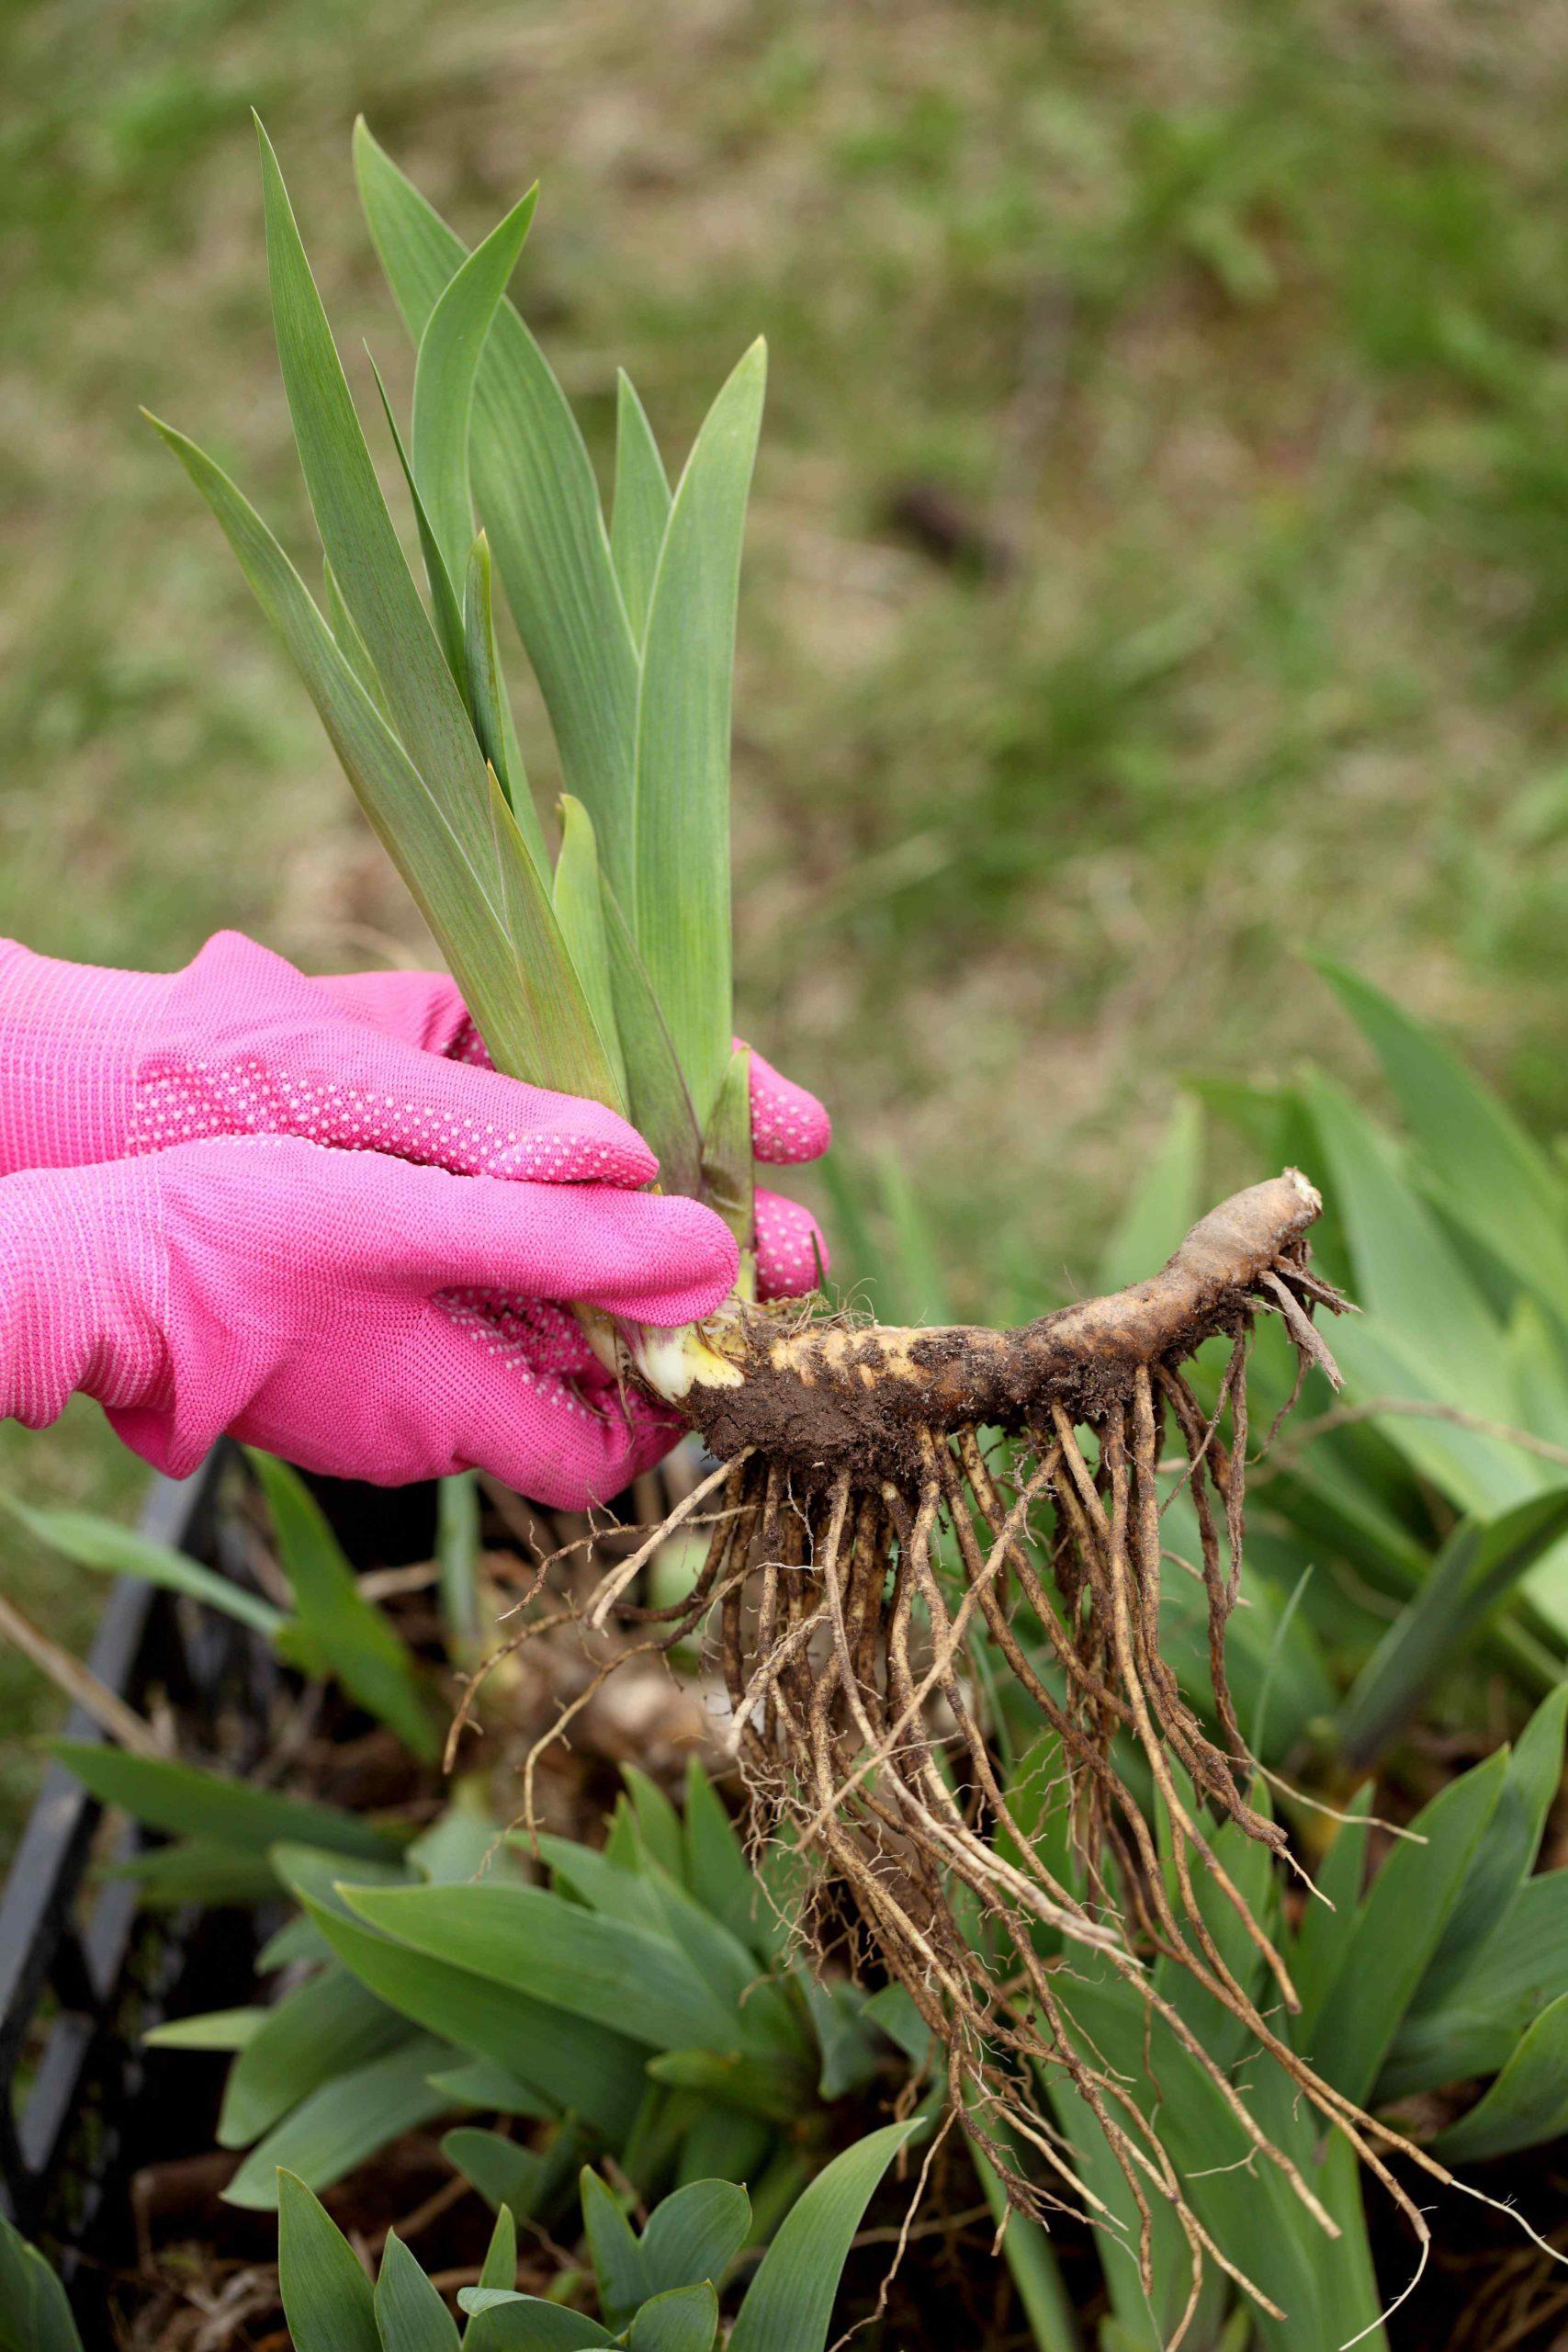 Ruce v rukavicích drží kořeny rostliny